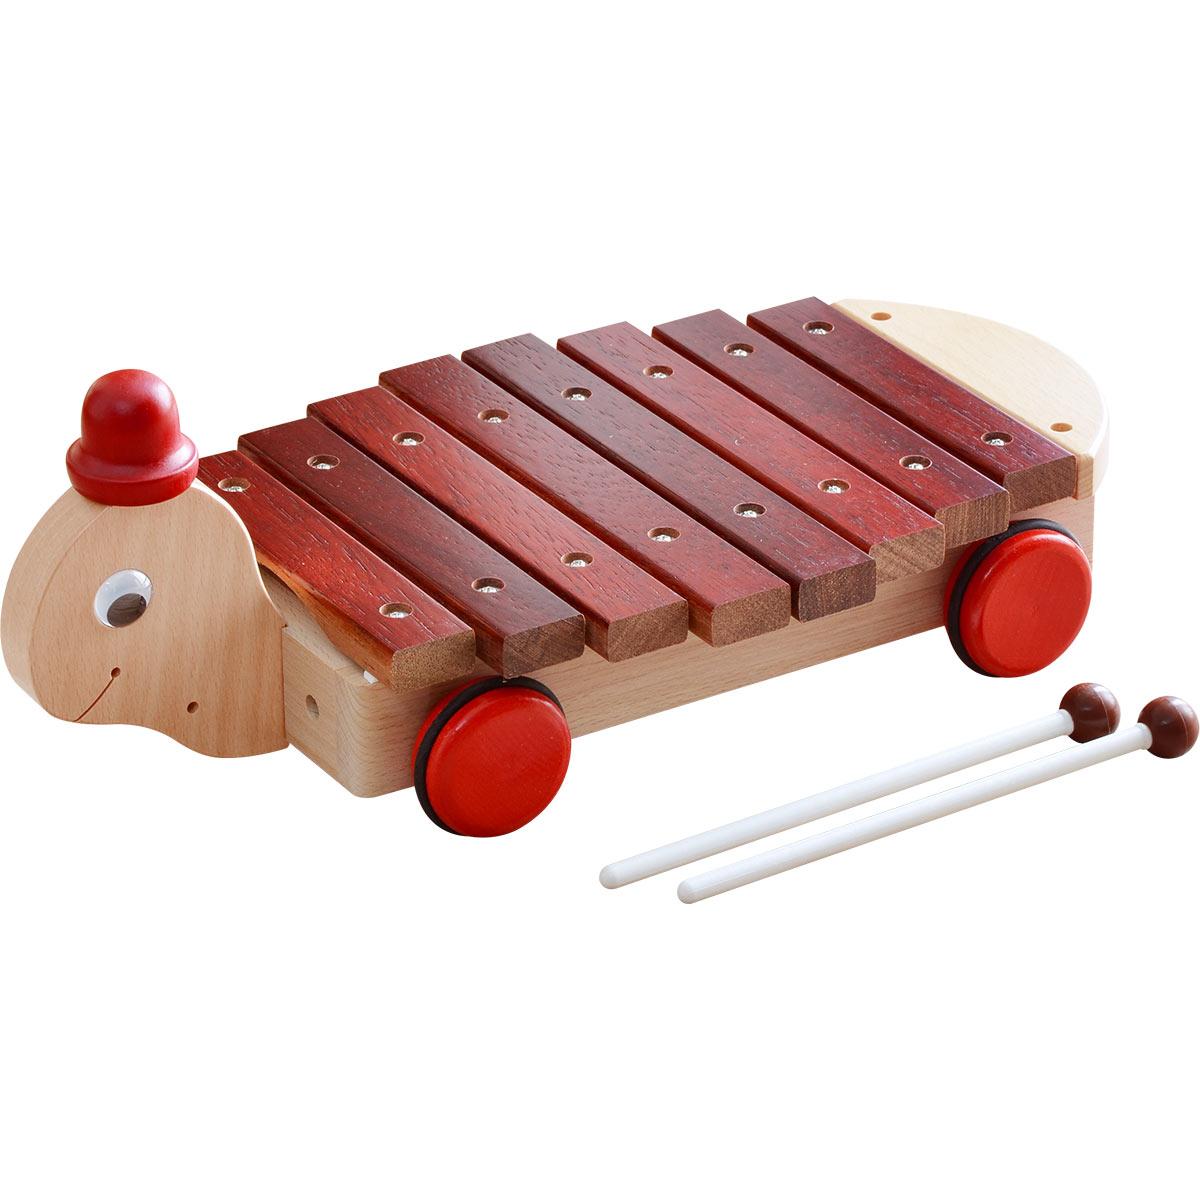 1年保証 コイデ KOIDE 日本製 おもちゃ 玩具 カメさんシロホン M02 木琴 8音 楽器 知育 室内 1歳 2歳 男の子 女の子 子供 幼児 ベビー 知育玩具 出産祝い 誕生日 ウッド 天然木 国産 ?[送料無料]